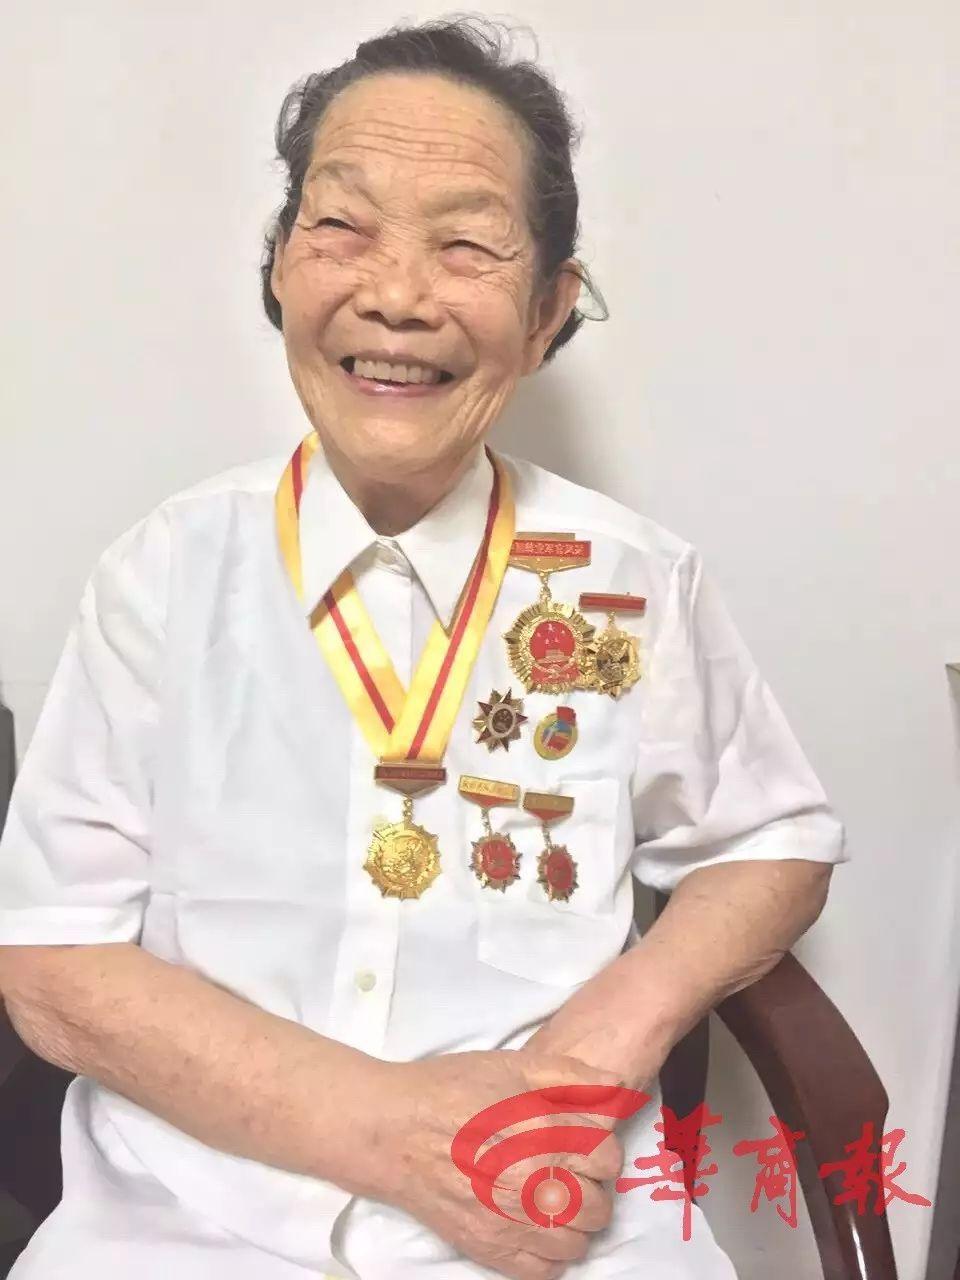 行医71年的95岁医生奶奶走了,人该这样度过一生